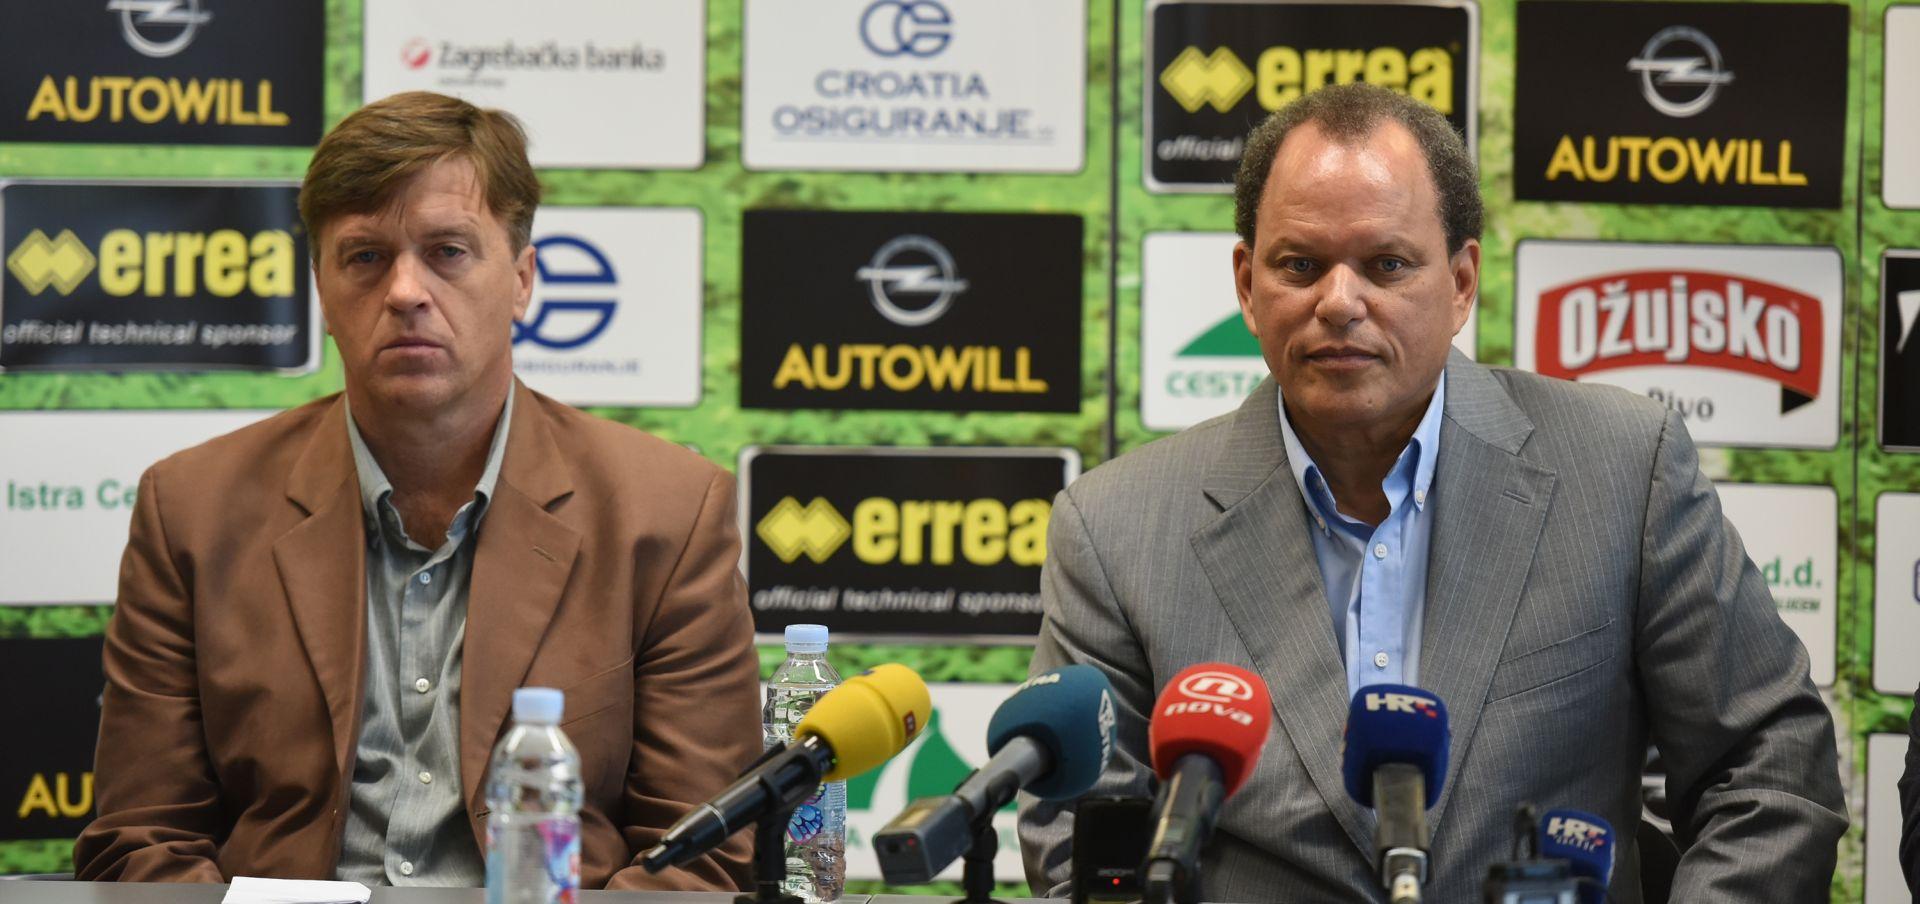 """PRIVREMENI TRENER RUBČIĆ Glover: """"Štimac neće biti uzet u obzir za trenera Istre"""""""